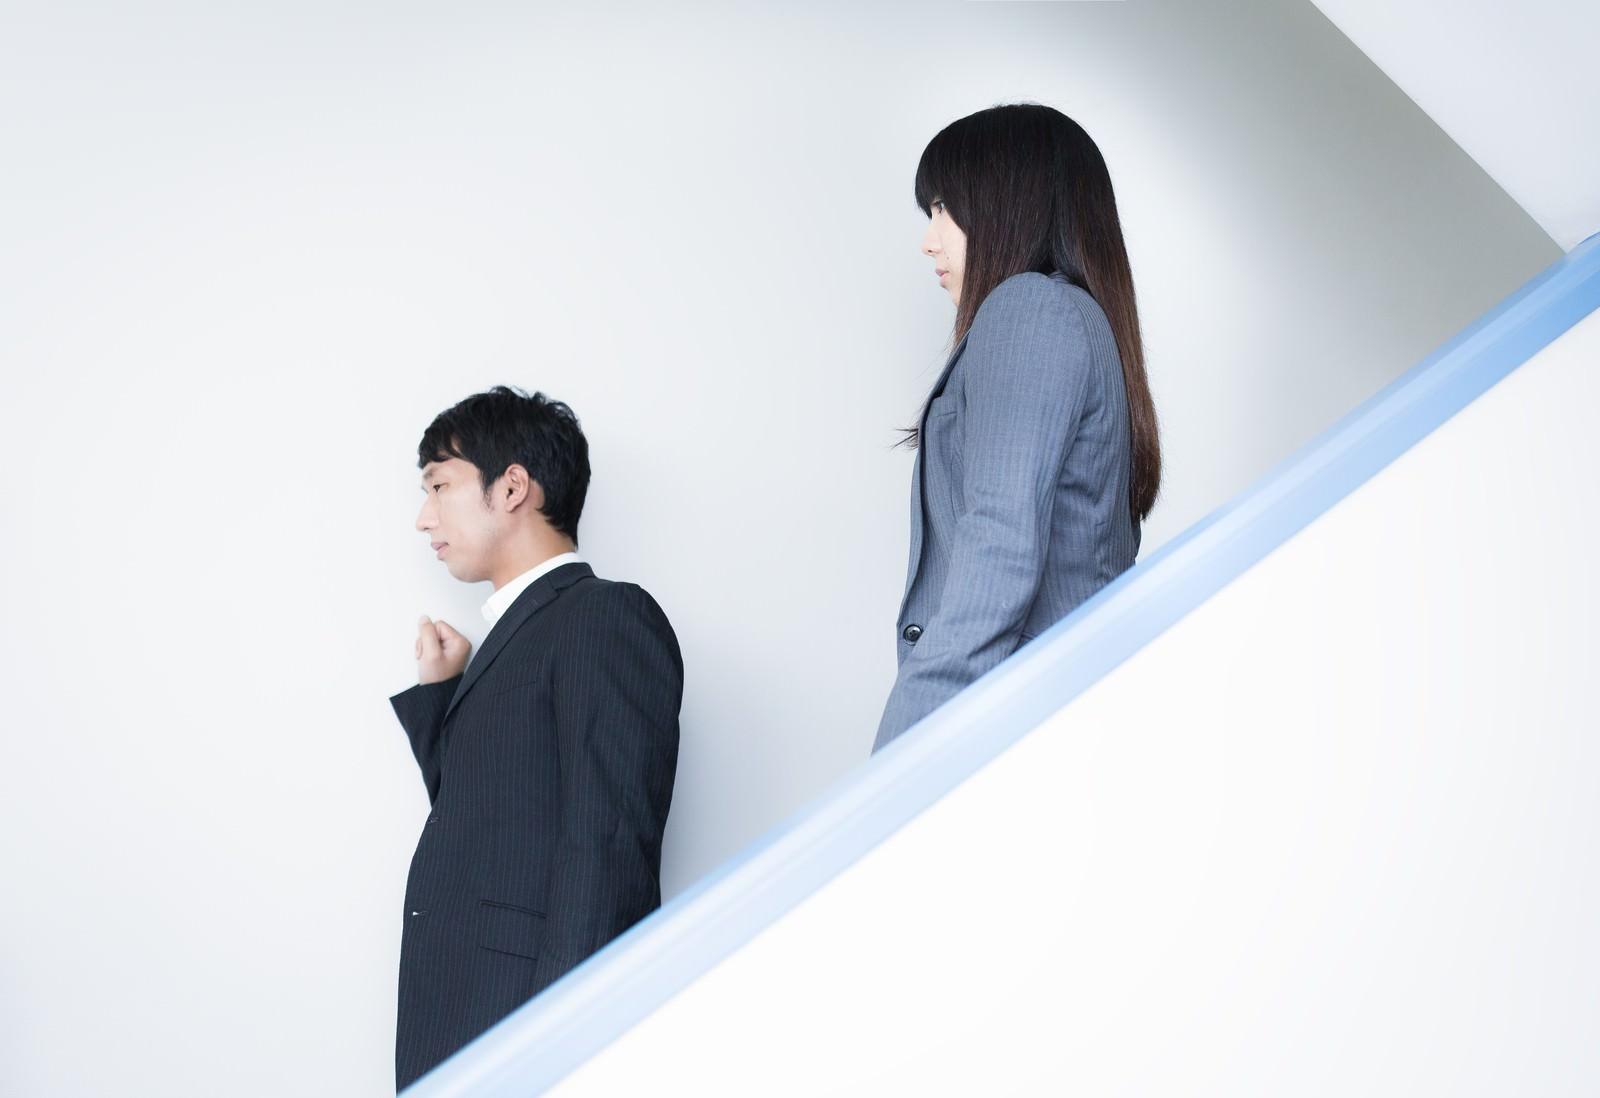 「オフィスの非常階段を下りながら非常に重要な件をする人事部長」の写真[モデル:大川竜弥 Lala]